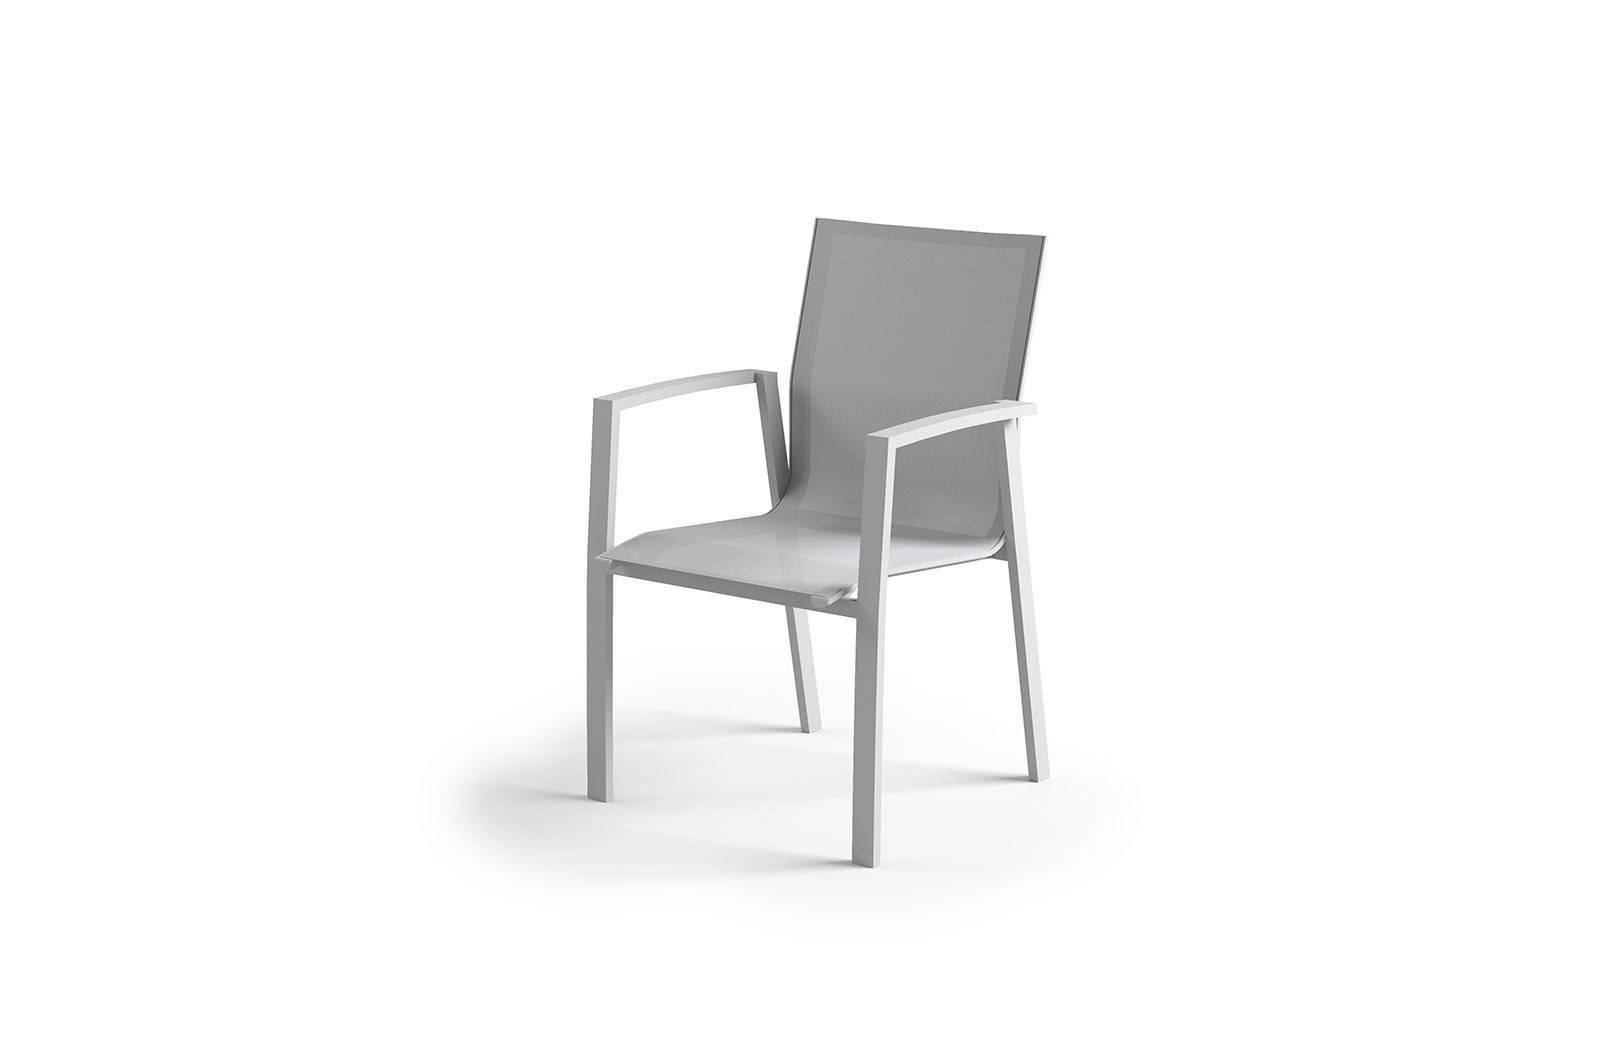 Zahradní hliniková židle LEON